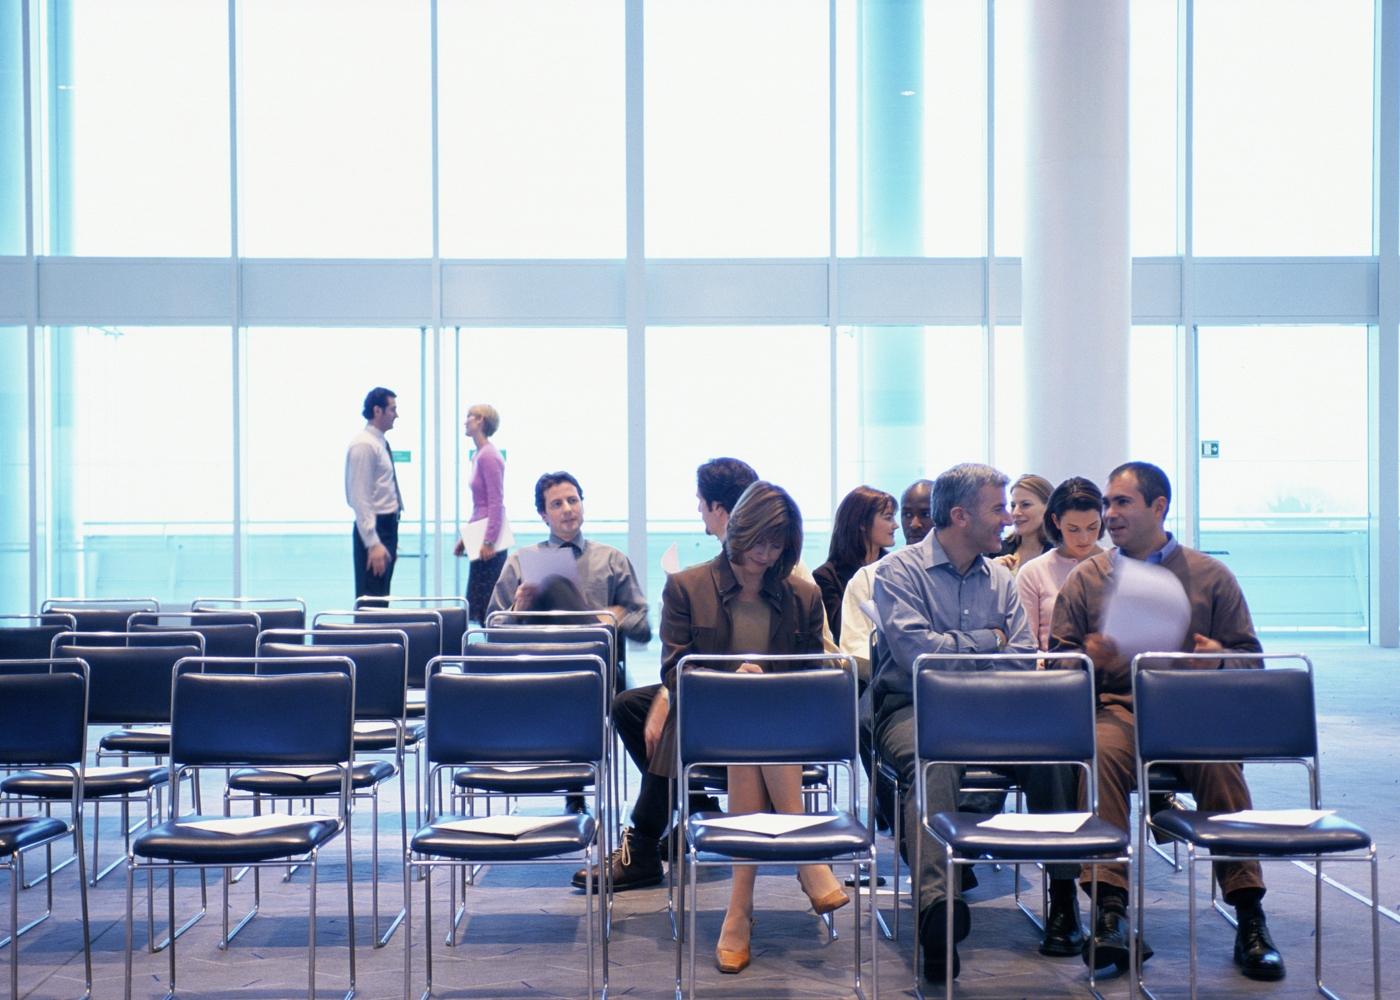 pessoas sentadas na sala de espera para formação